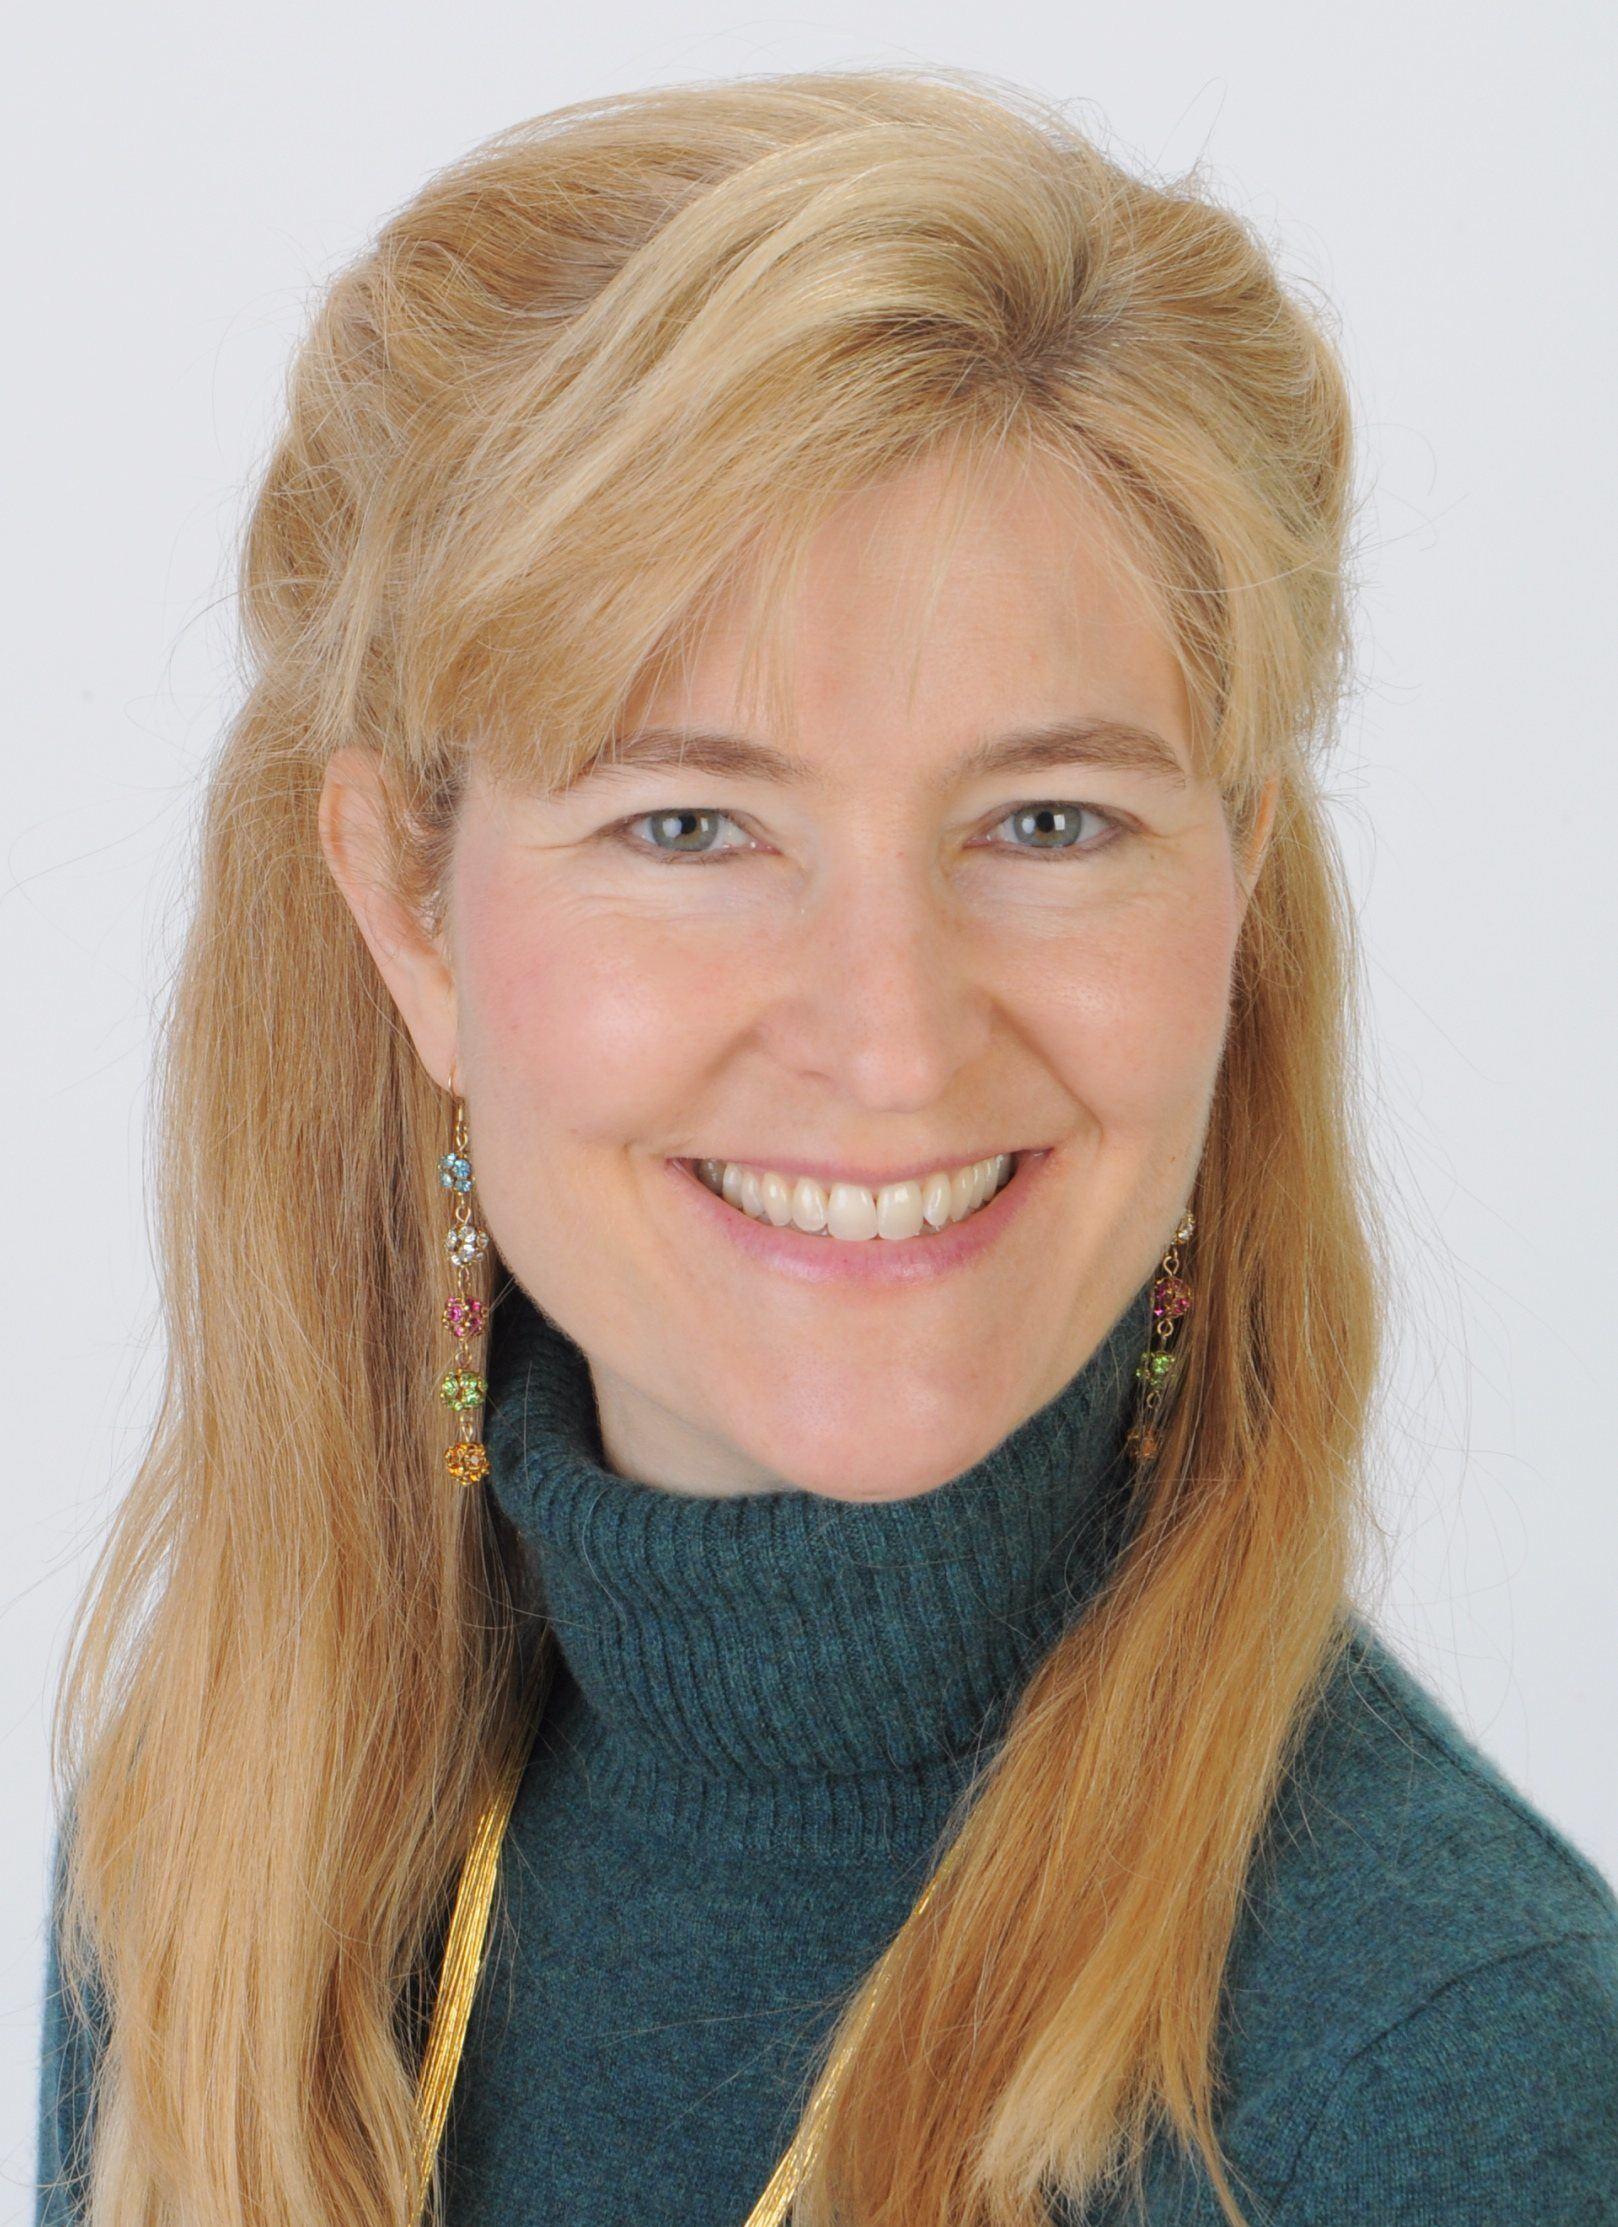 Tilia Klebenov Jacobs